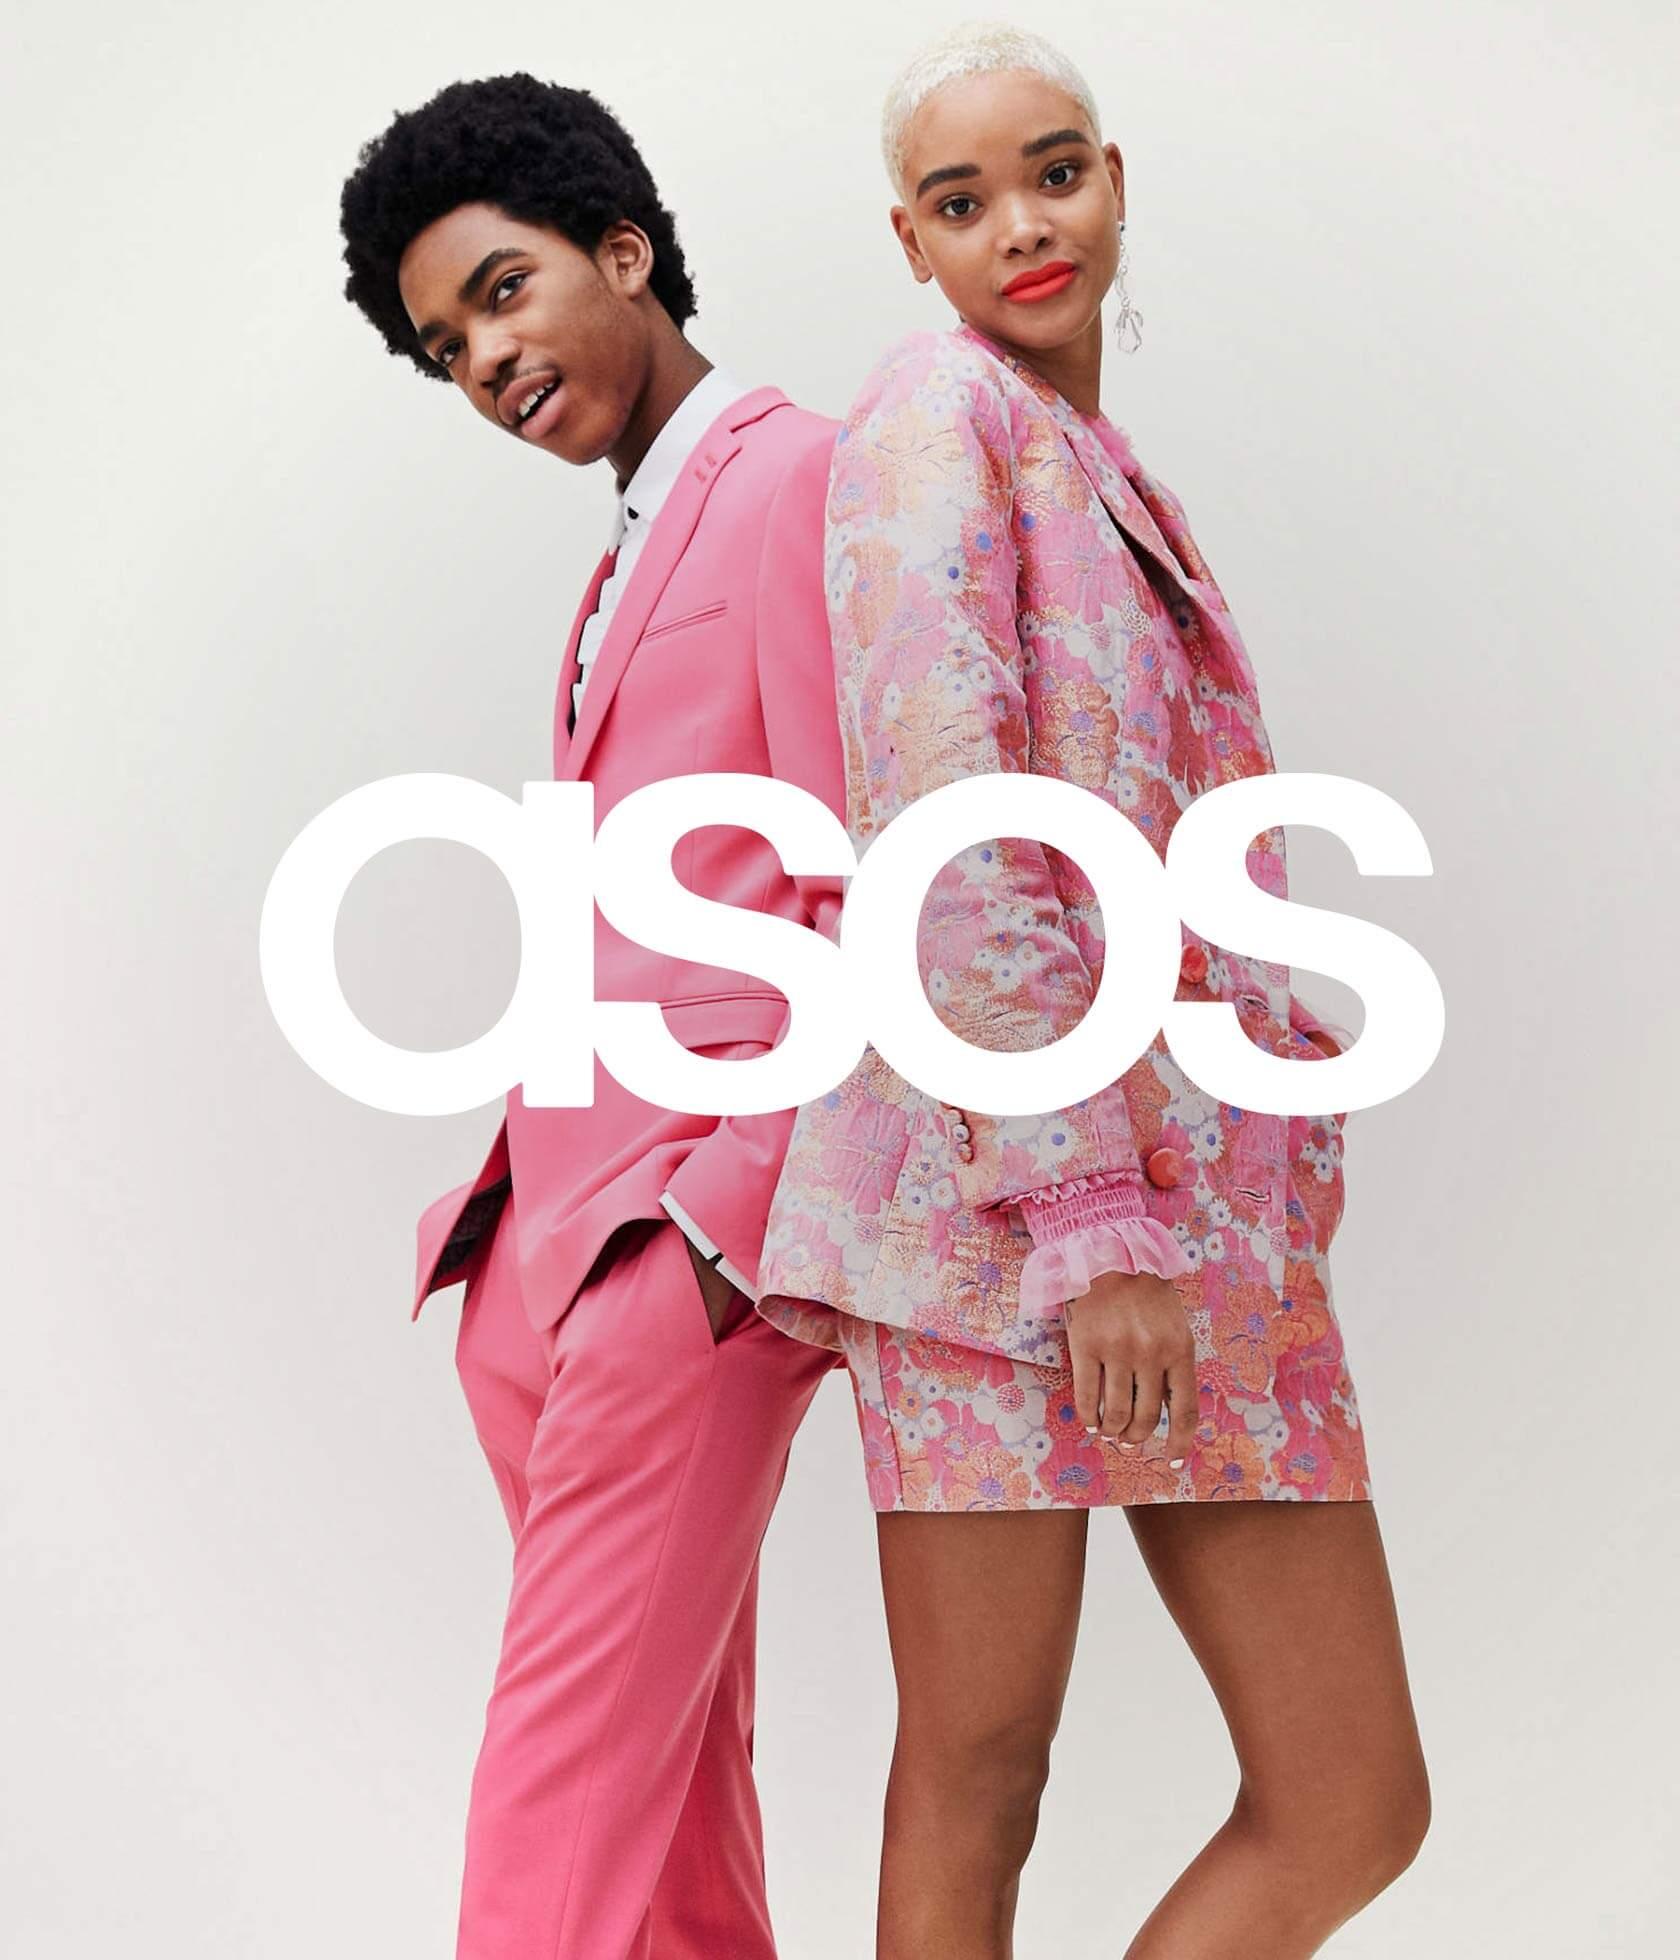 Asos_Image_desktop